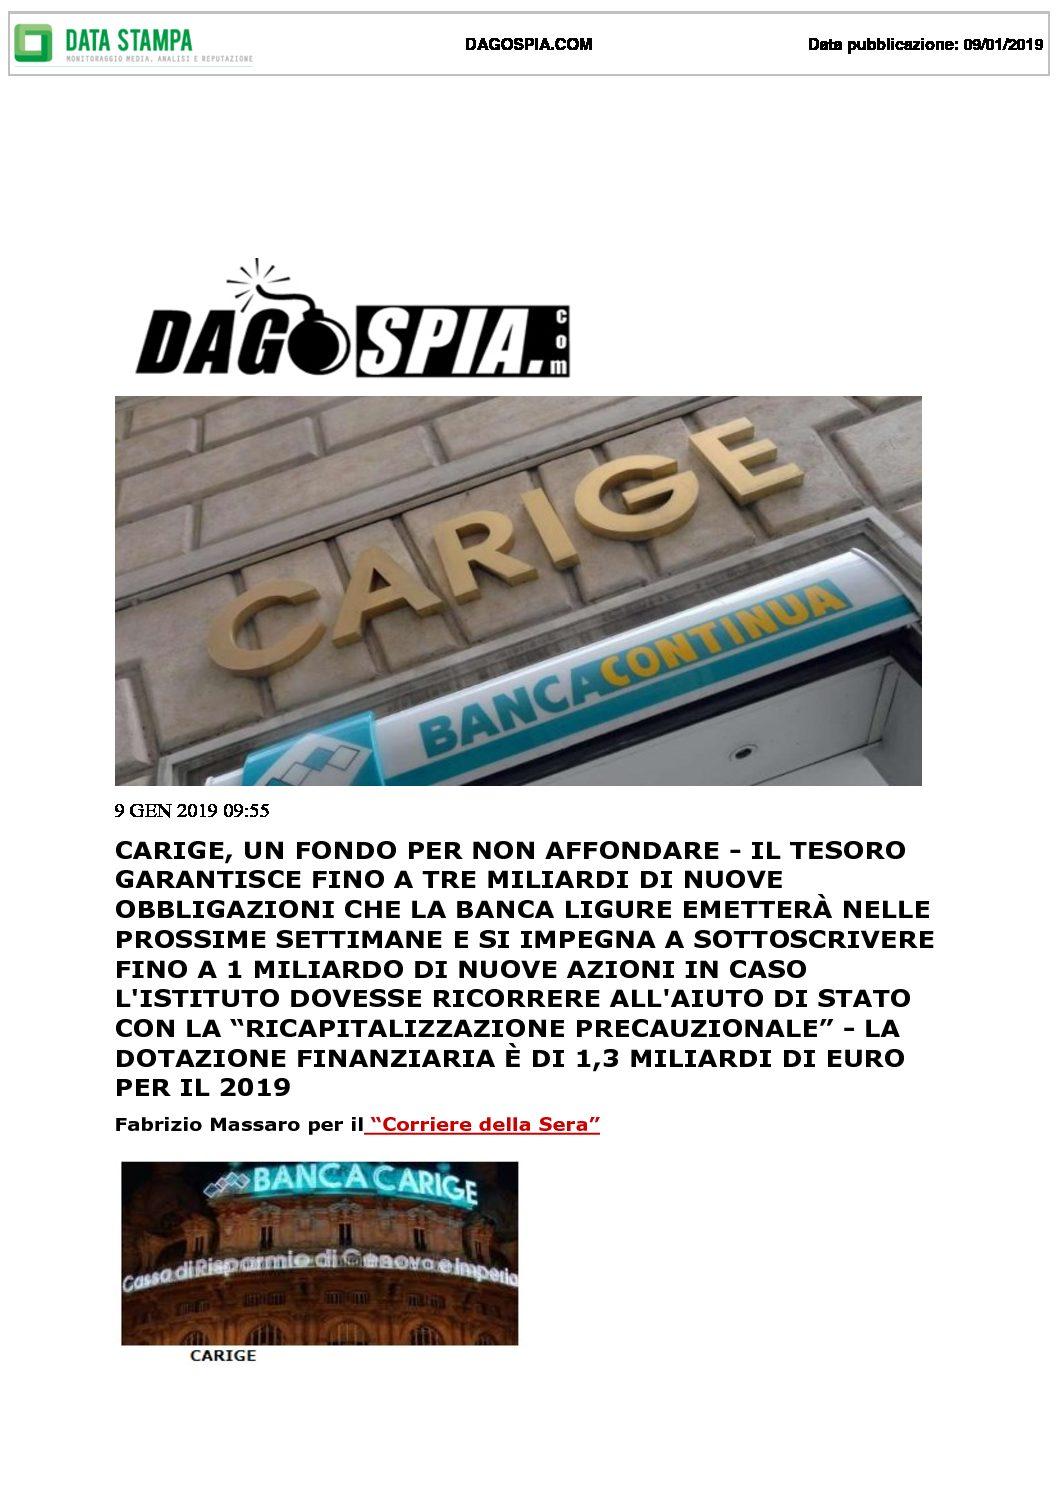 DAGOSPIA_PEF